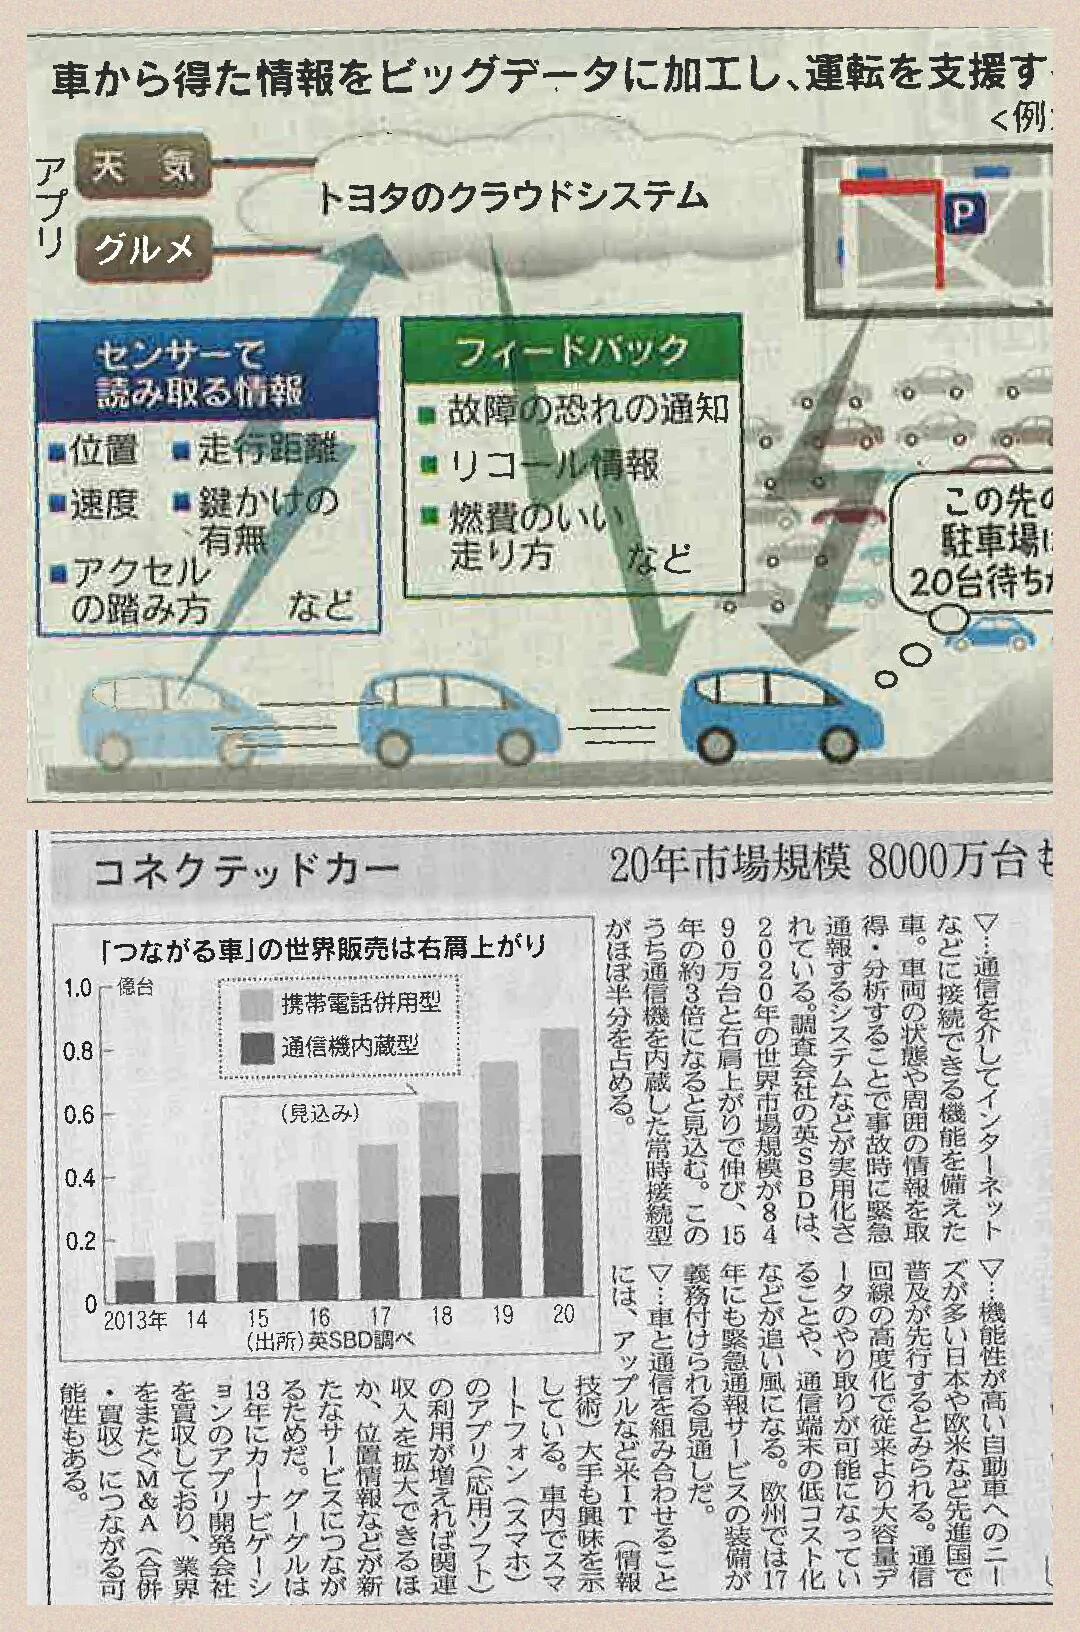 コネクテッドカー トヨタ